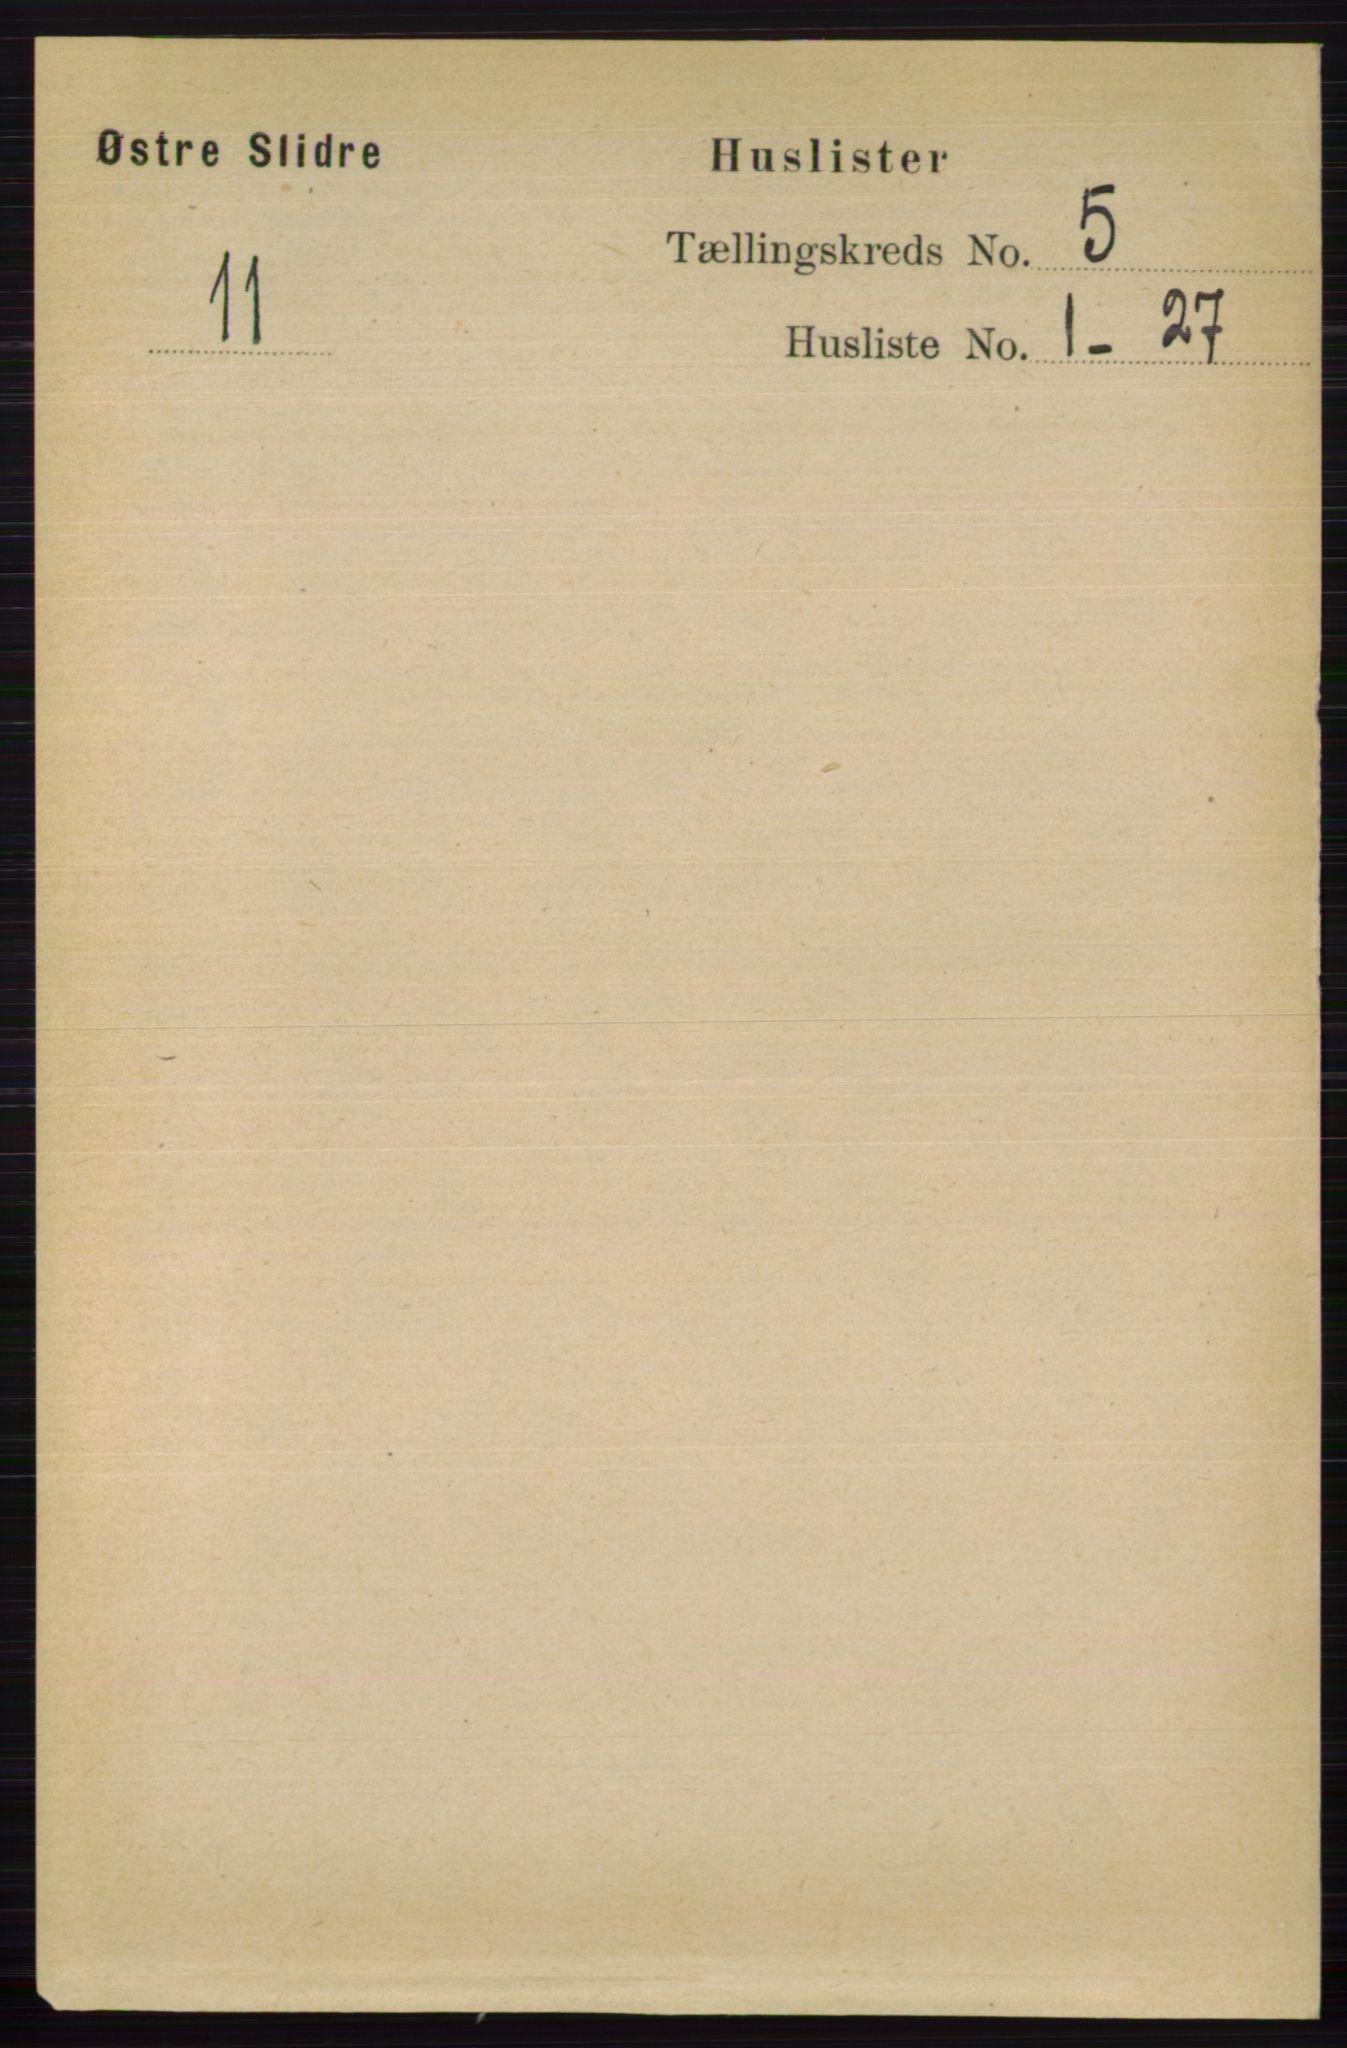 RA, Folketelling 1891 for 0544 Øystre Slidre herred, 1891, s. 1572